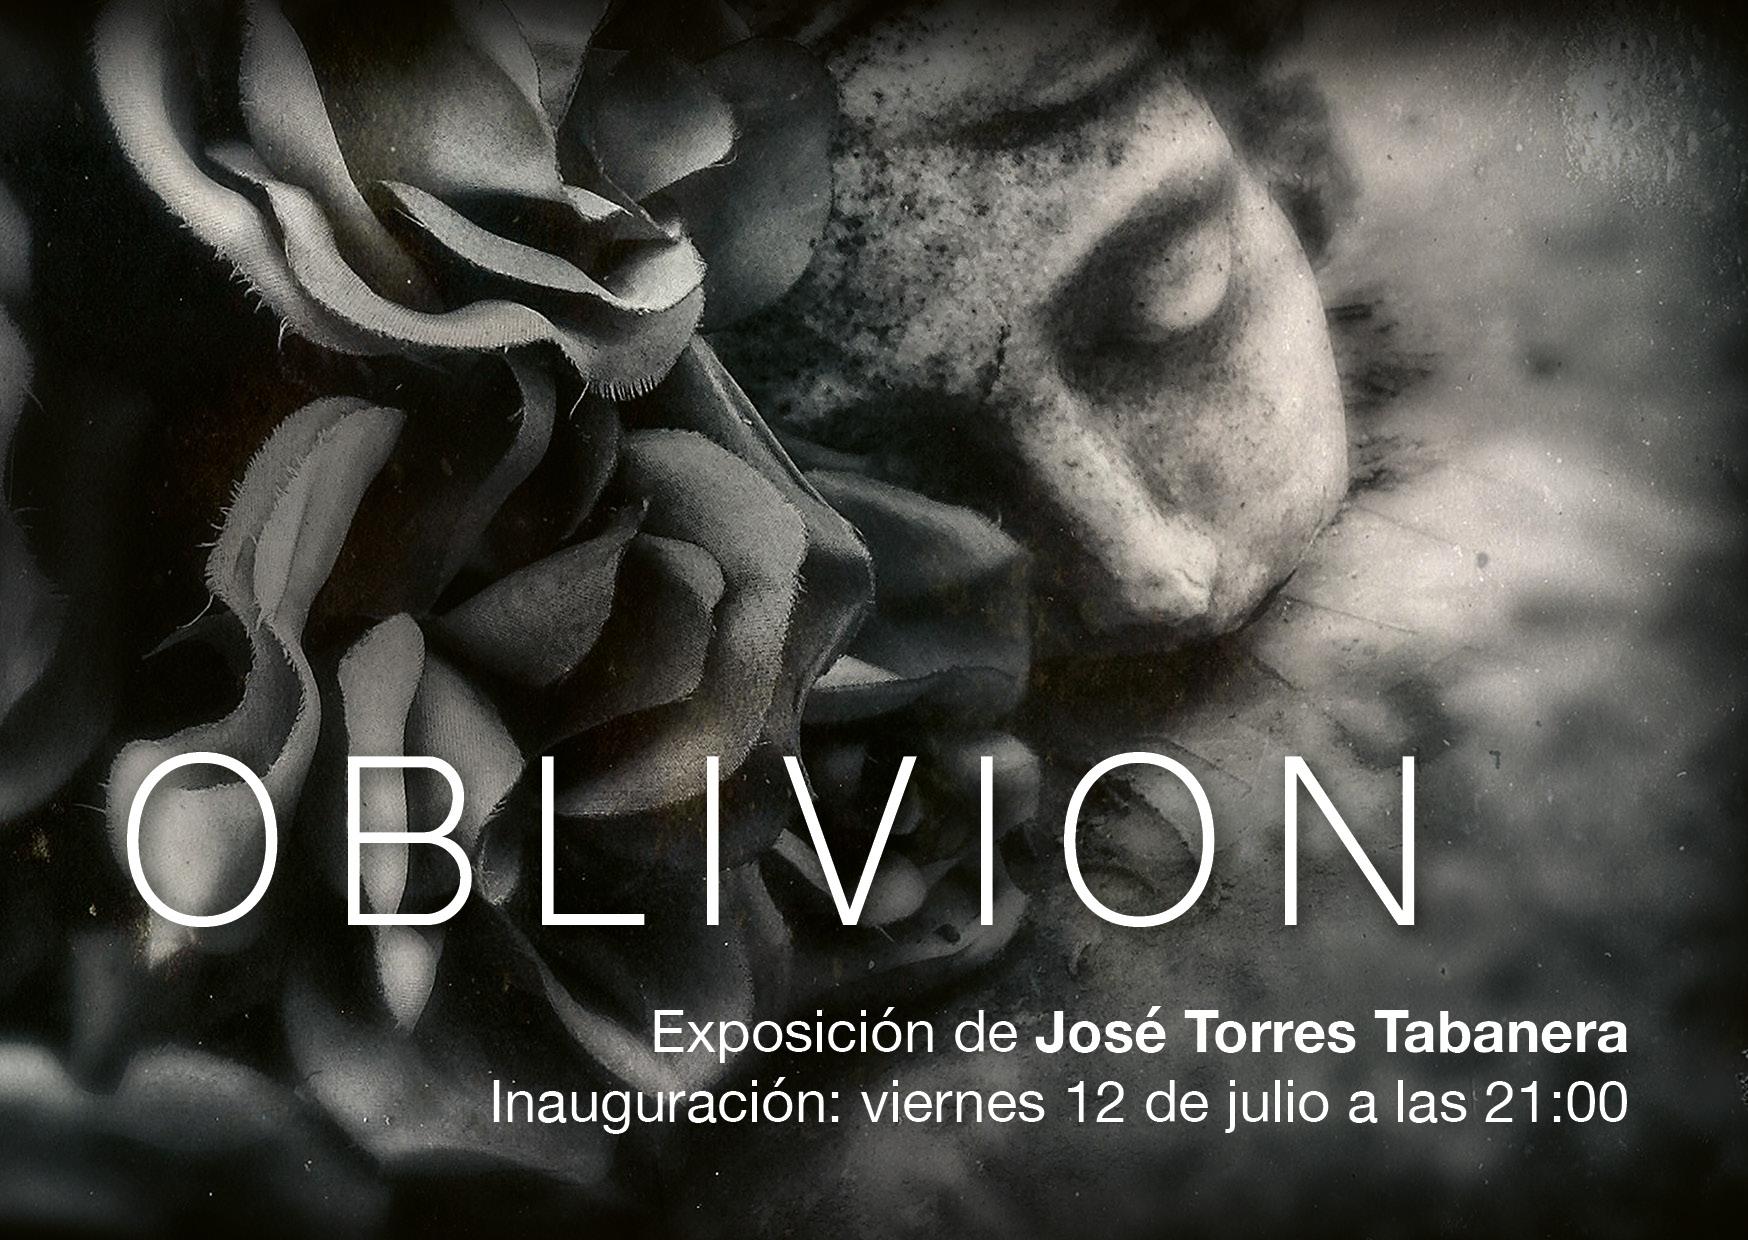 Oblivion, de José Torres Tabanera